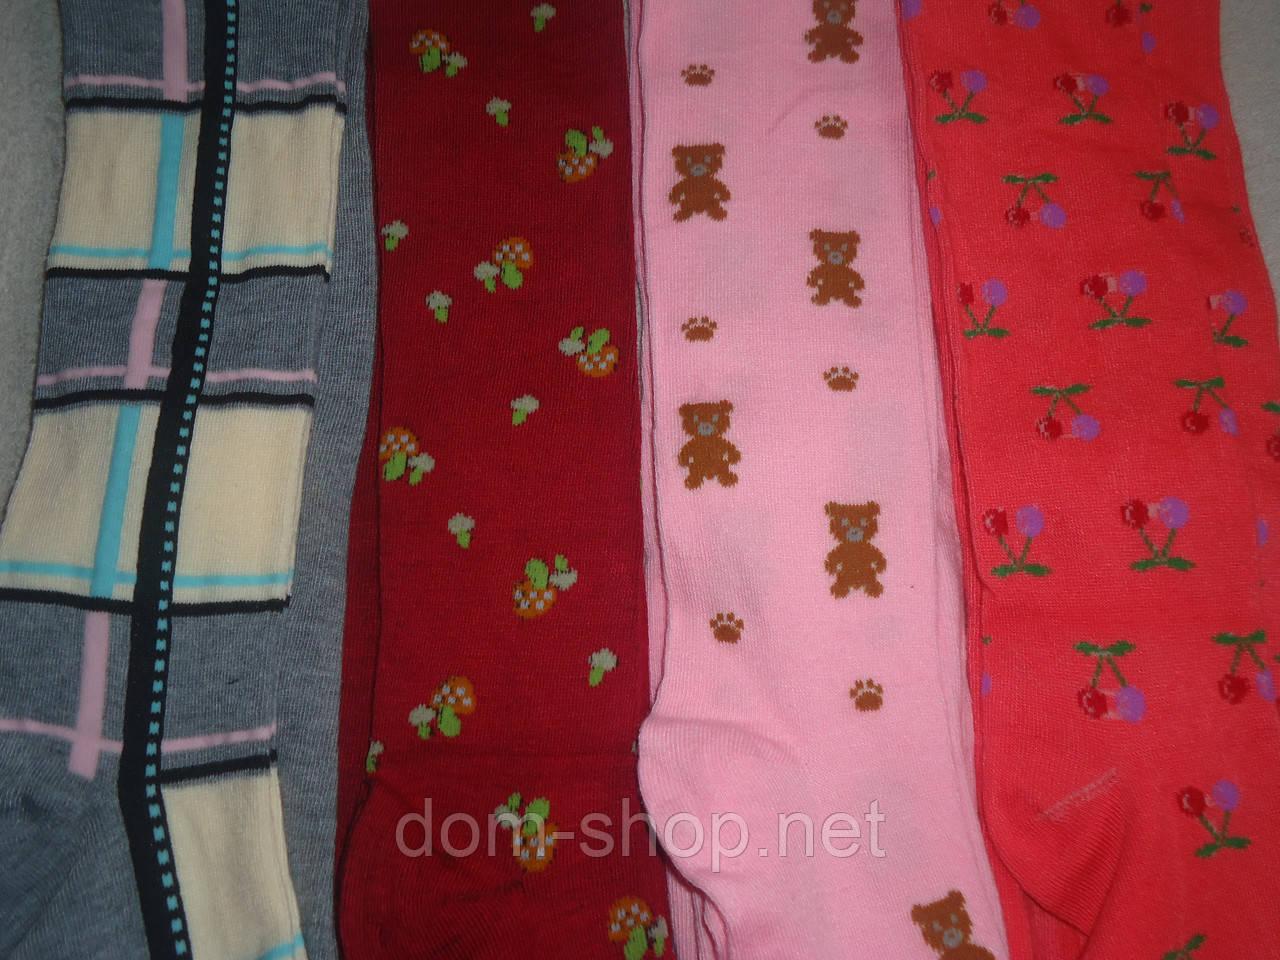 Колготки хлопок ,девочка (большие размеры) -   Розничный  интернет-магазин  белья и одежды ,,Семейный ,, в Черниговской области